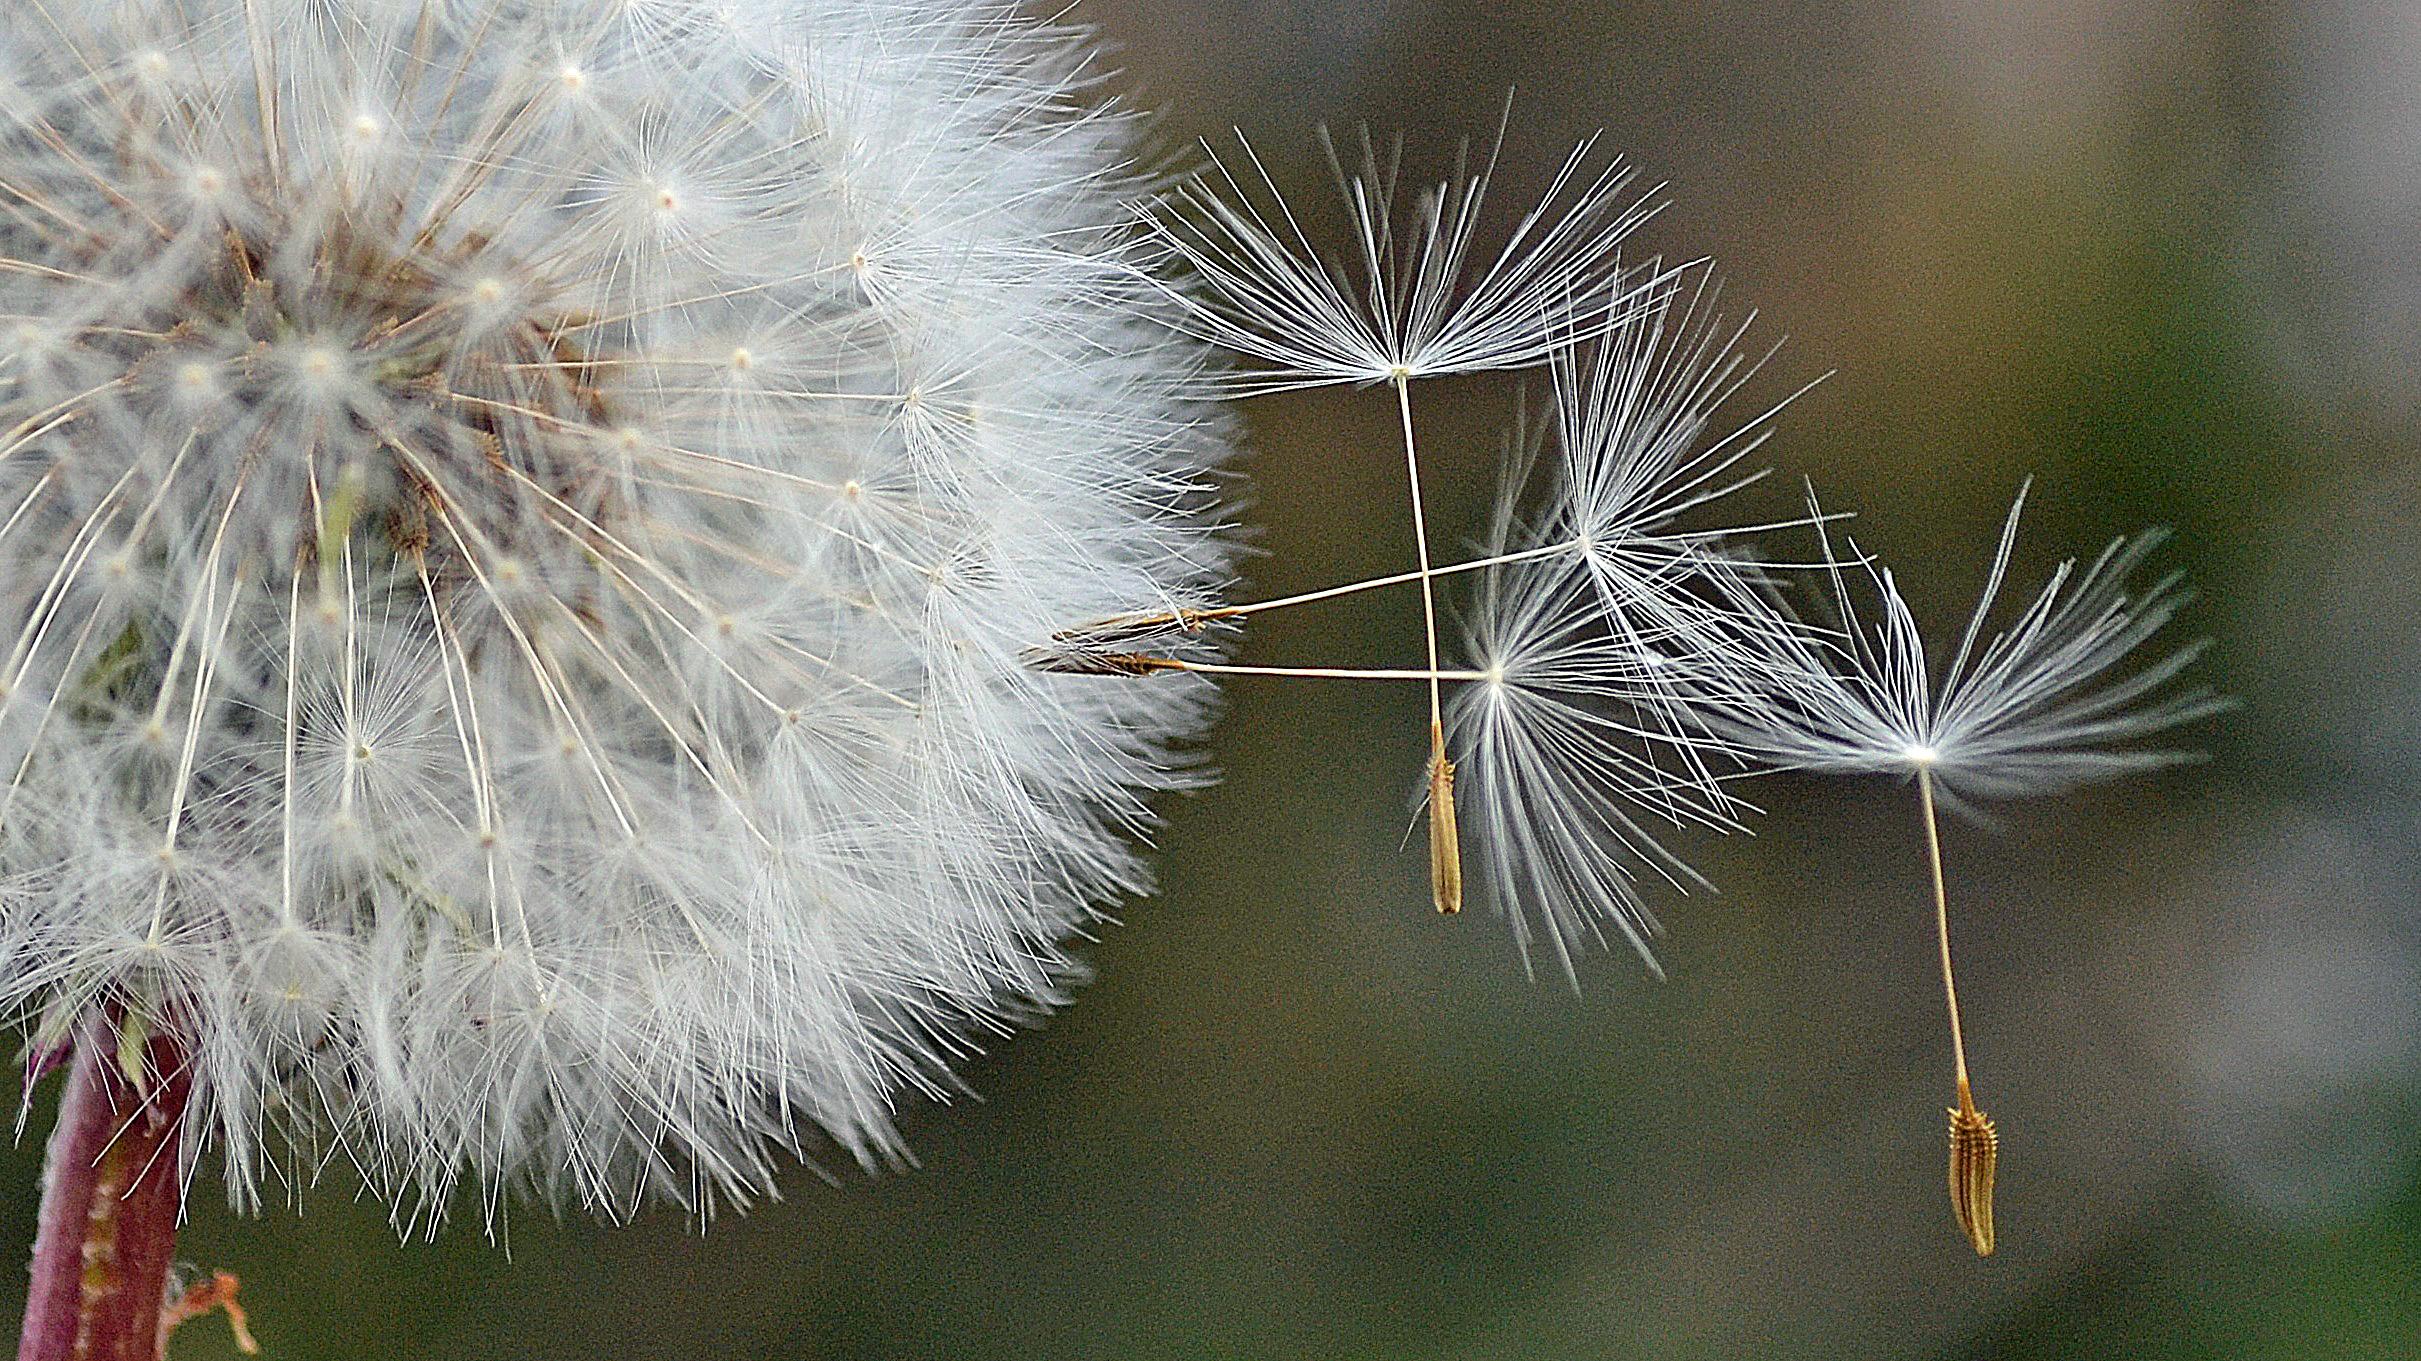 Zo mooi: gedragen door de wind…. (Foto: Sjef Kenniphaas).